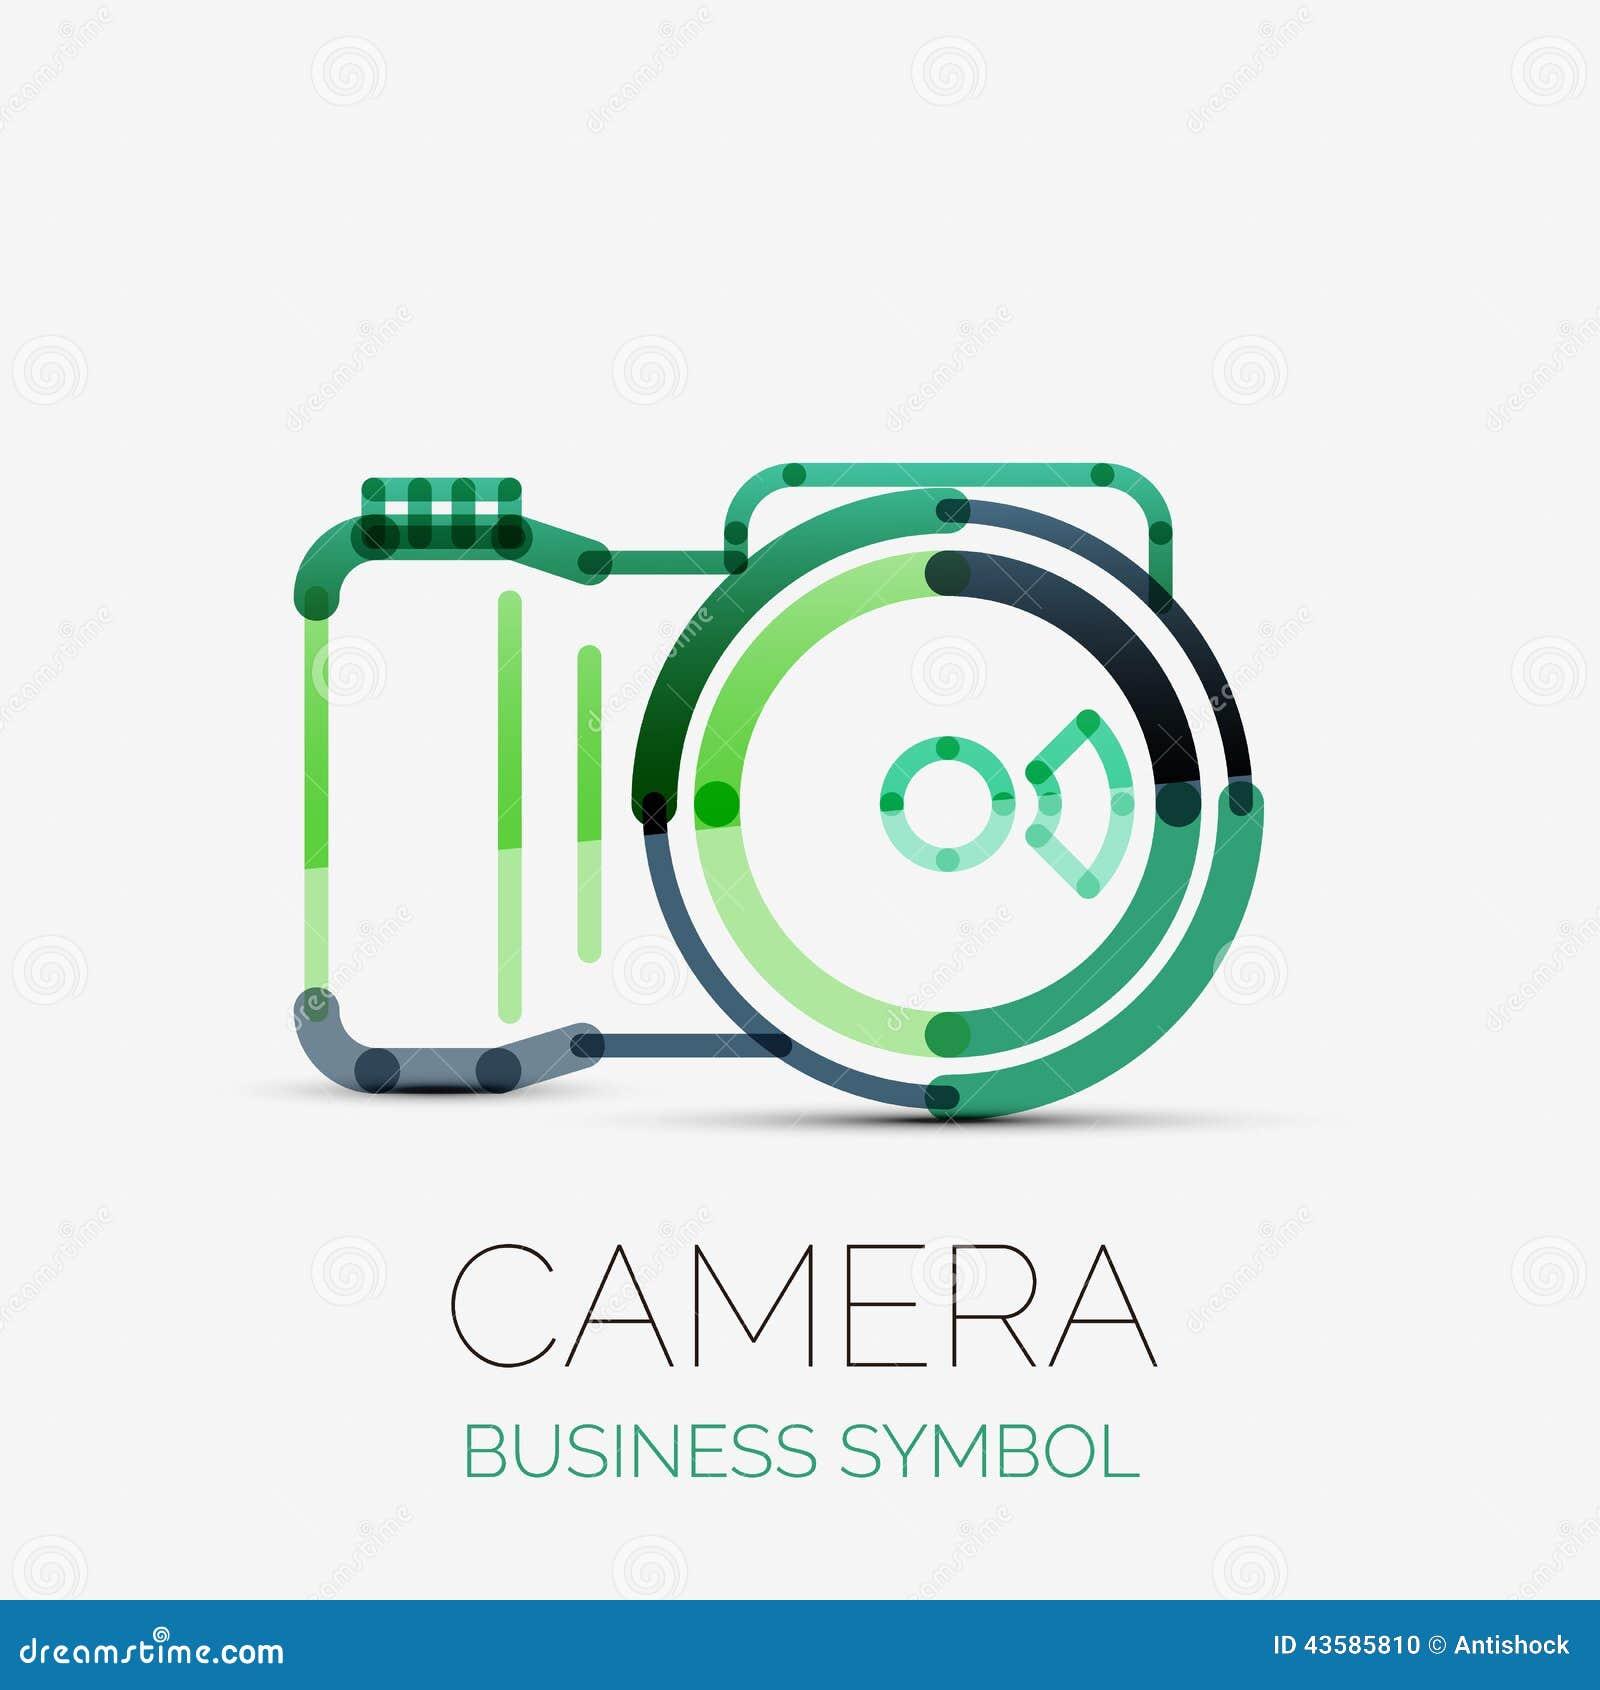 Camera Company Logo Camera icon company logo,